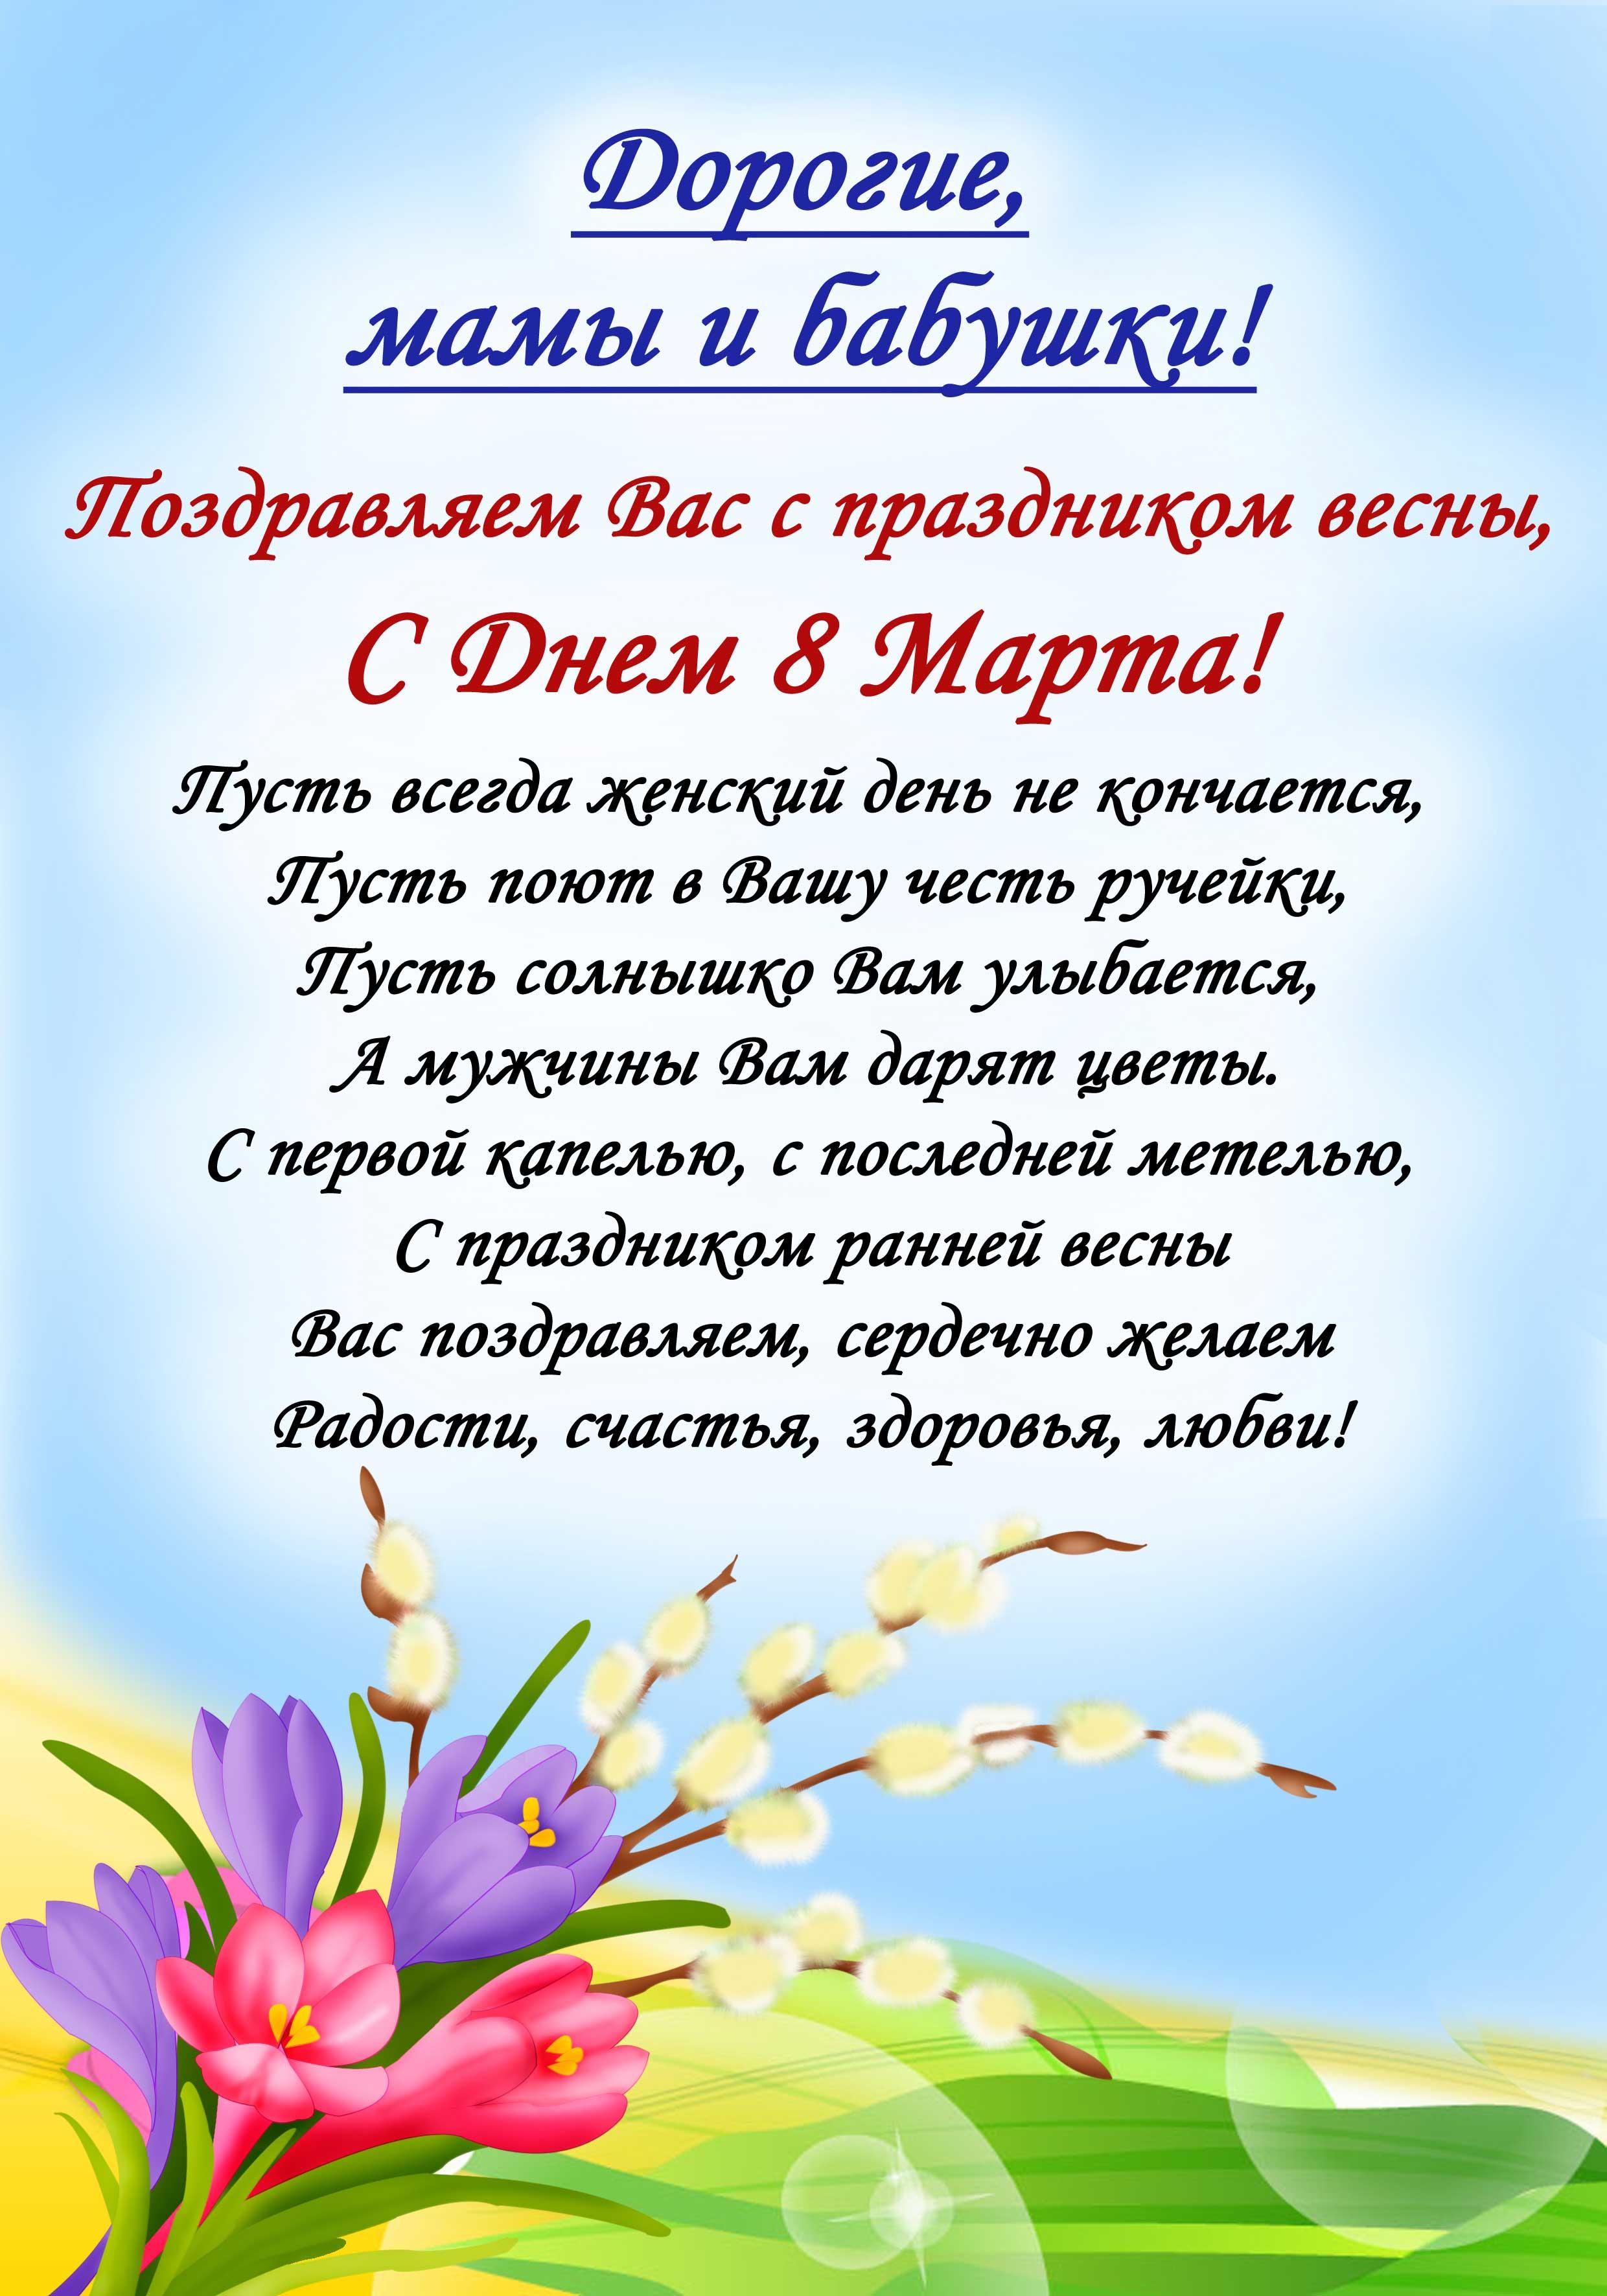 Для мамы и бабушки поздравления